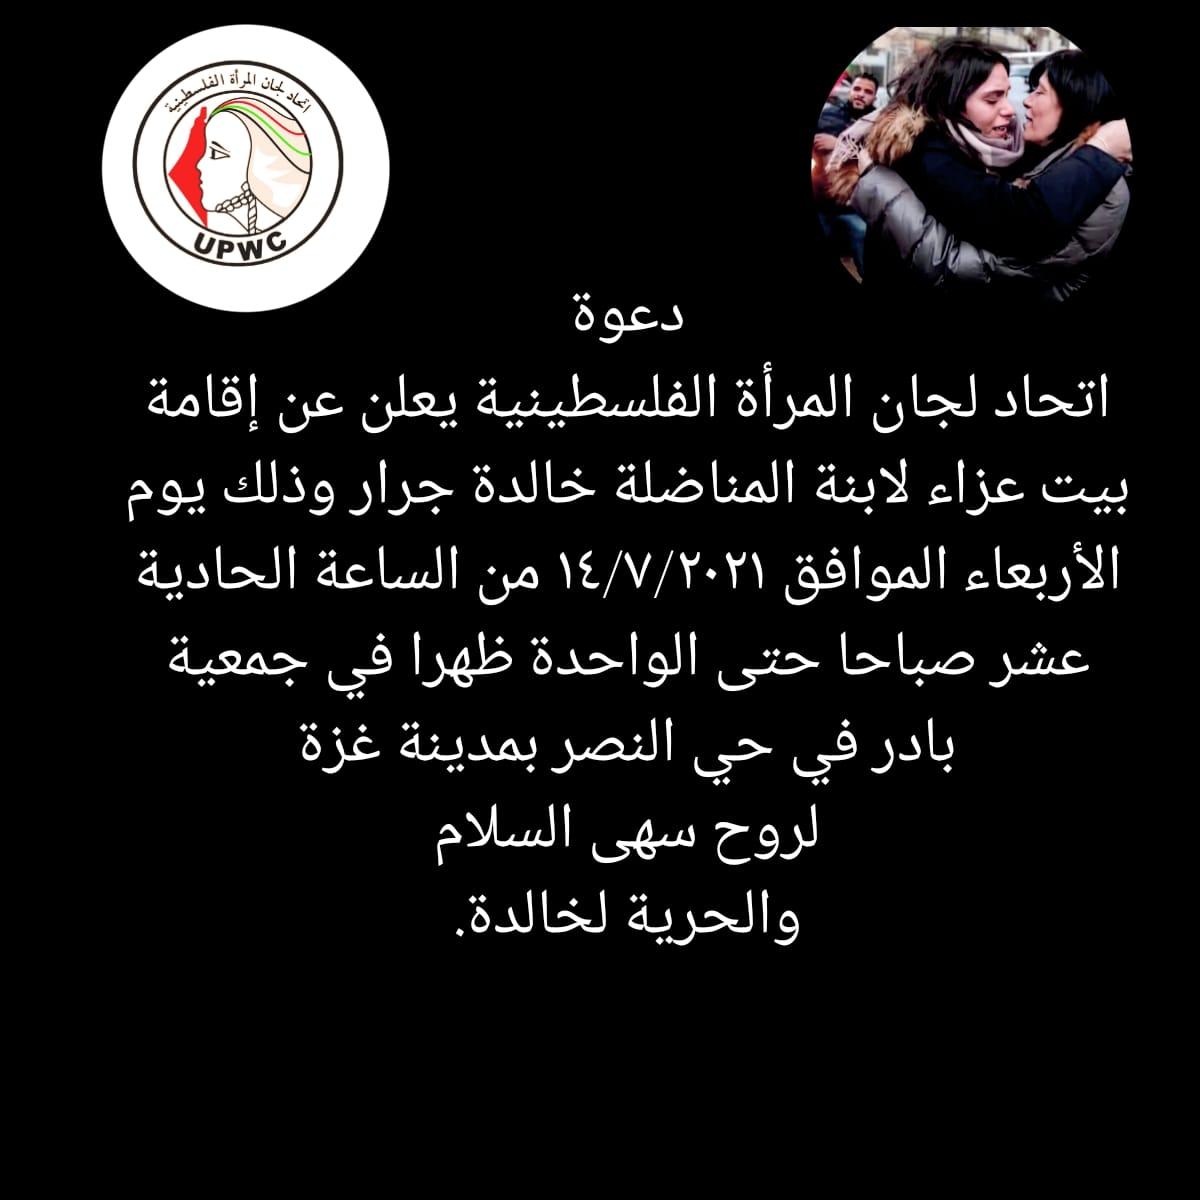 اتحاد لجان المرأة الفلسطينية يعلن عن إقامة بيت عزاء لابنة المناضلة خالدة جرار